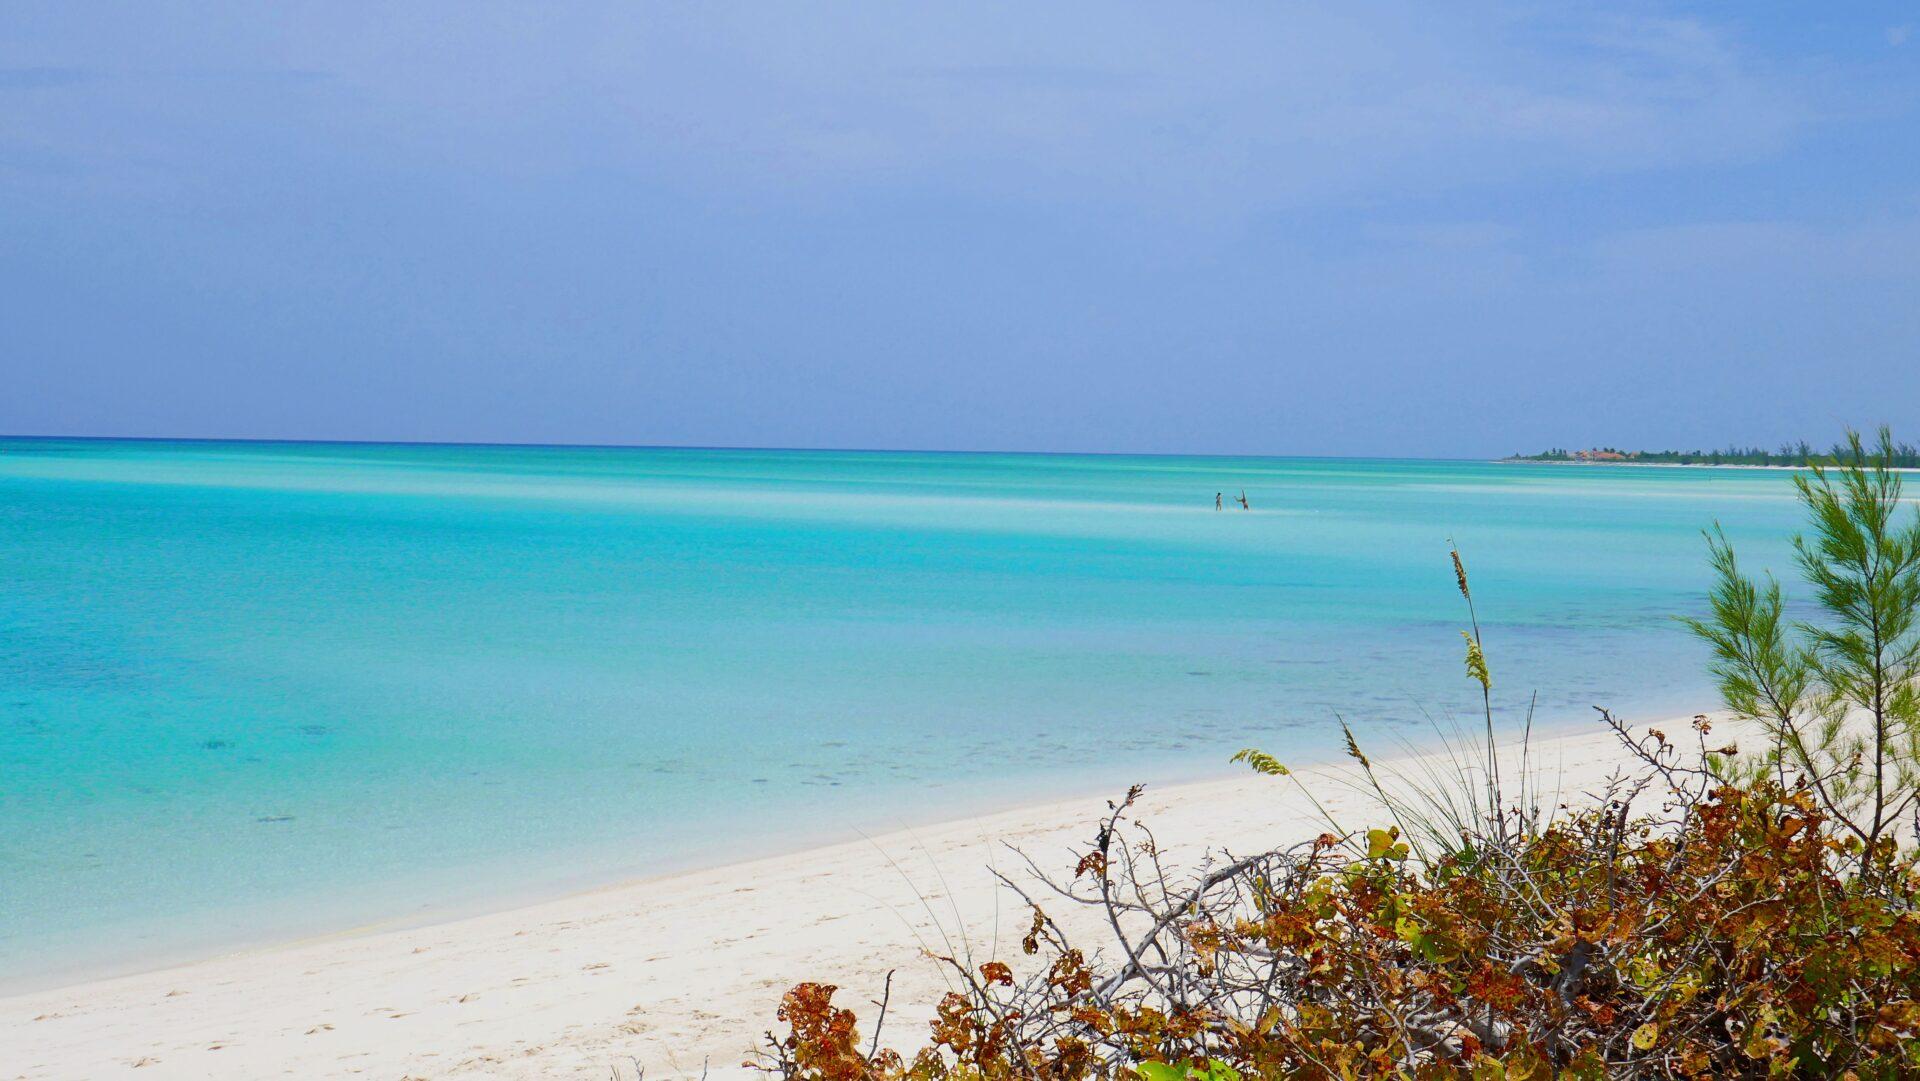 COMO Parrot Cay - eine Trauminsel zum Verlieben 4